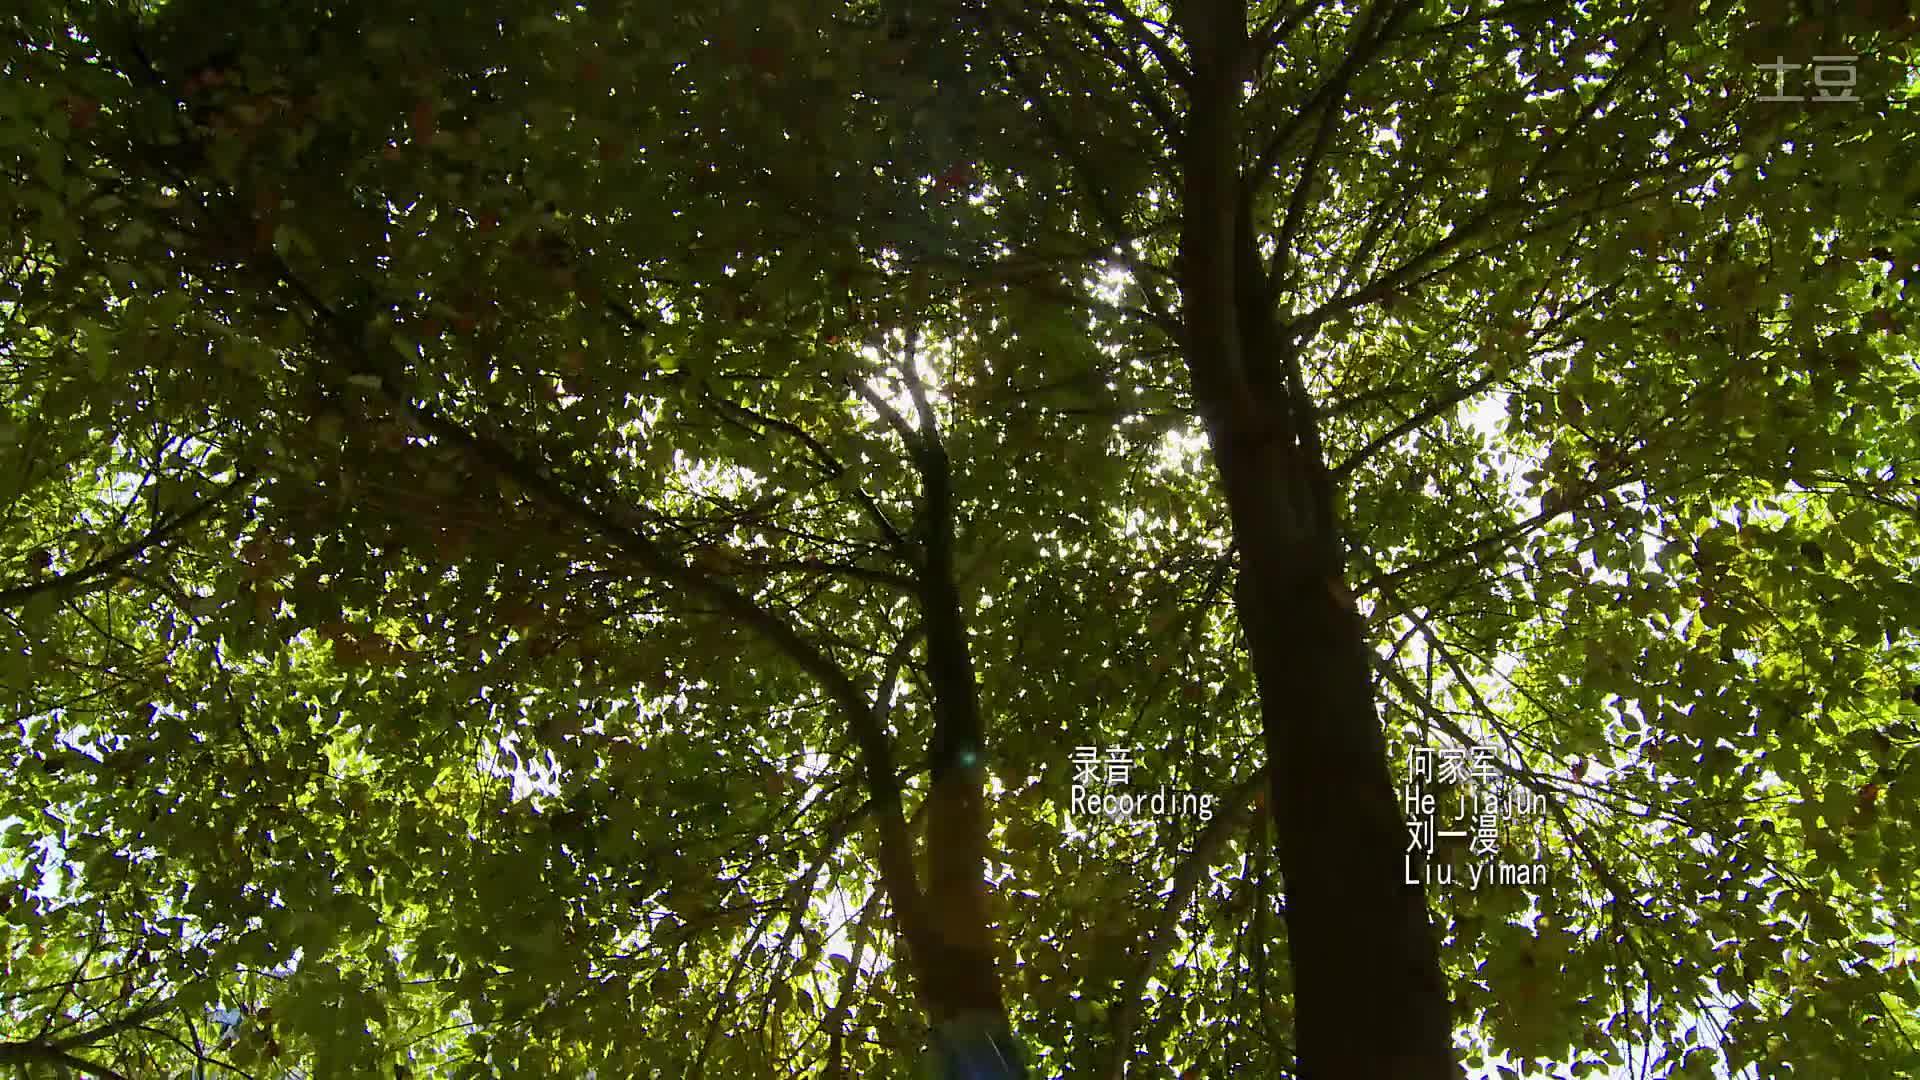 《怦然心动》完美高清-高清(1920x1080,278k)-怦然心动在线观看